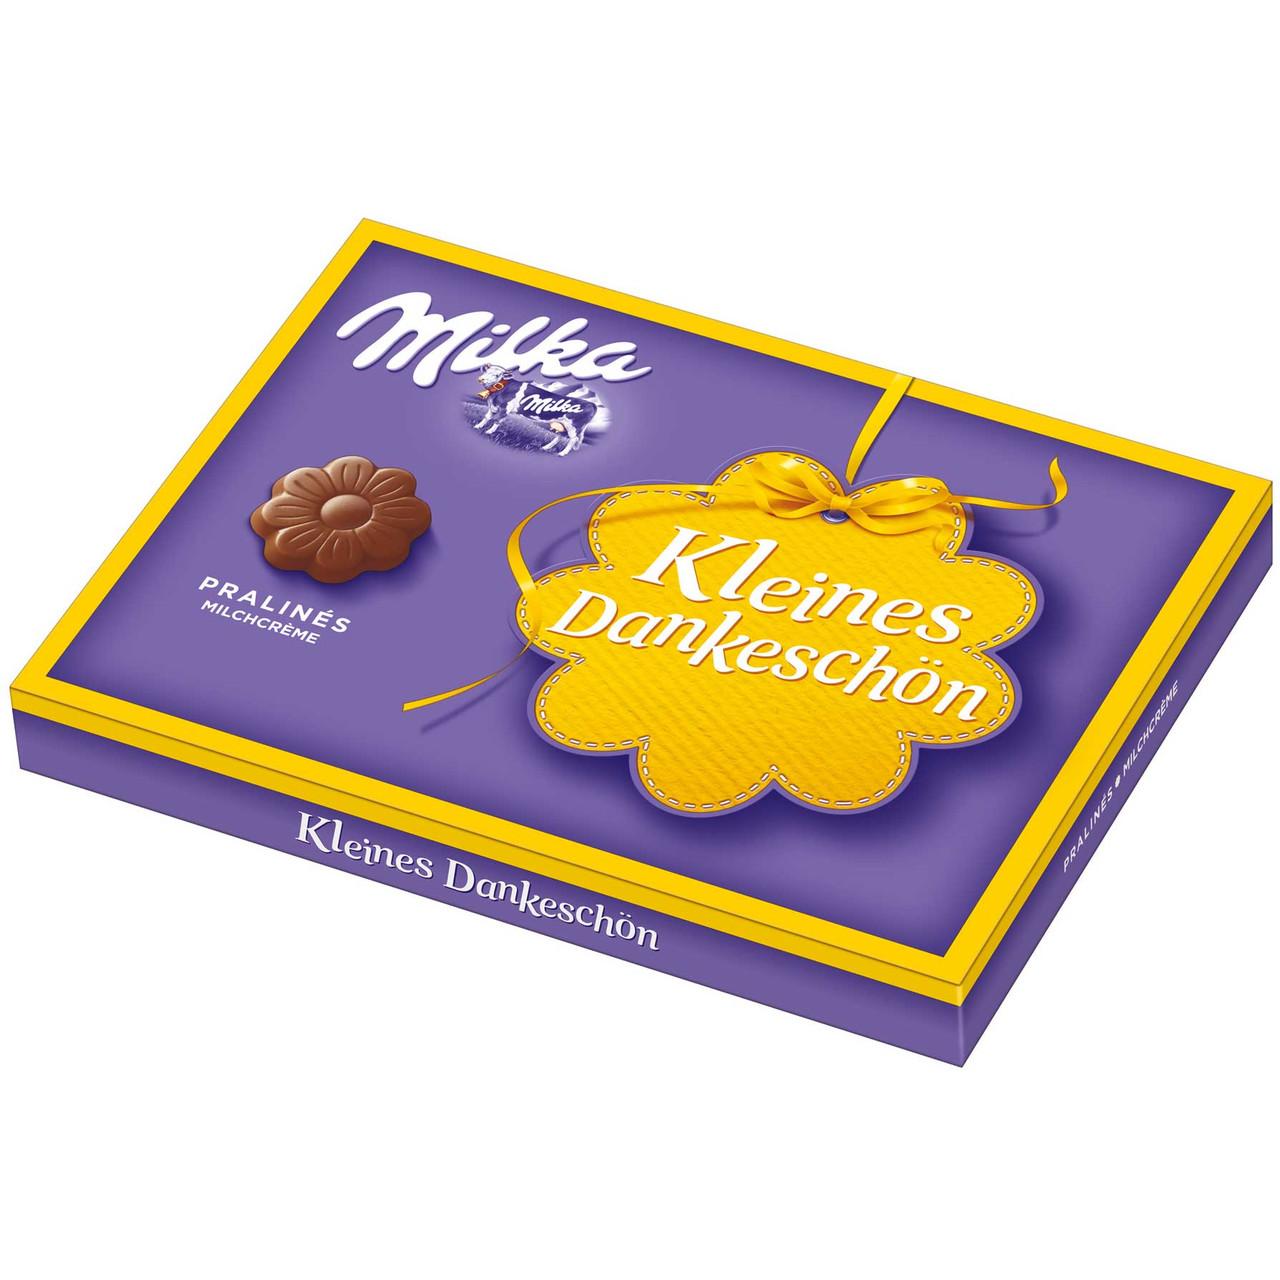 Шоколадные конфеты в коробке Milka Alltags-Heldin с пралине, 110 гр